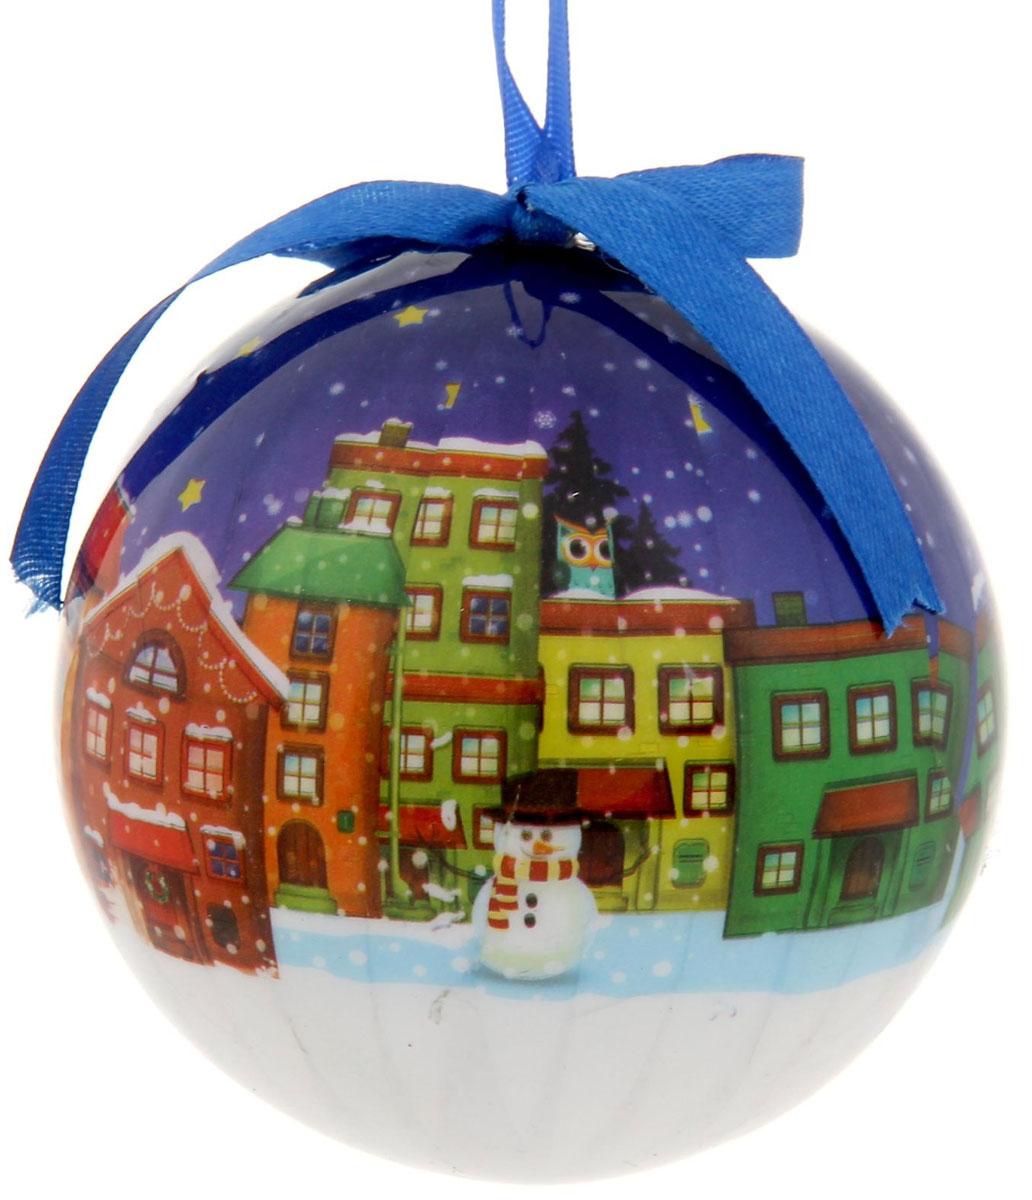 Новогоднее подвесное украшение Sima-land Домики, диаметр 10 см1099613Новогоднее подвесное украшение Sima-land Домики, выполненное из пенопласта и ПВХ,оформлено изображением города в Новогоднюю ночь. С помощью специальной текстильнойпетельки украшение можно повесить в любом понравившемся вам месте. Но, конечно, удачнеевсего оно будет смотреться на праздничной елке. Елочная игрушка - символ Нового года. Она несет в себе волшебство икрасоту праздника. Создайте в своем доме атмосферу веселья и радости, украшаяновогоднюю елку нарядными игрушками, которые будут из года в год накапливатьтеплоту воспоминаний.